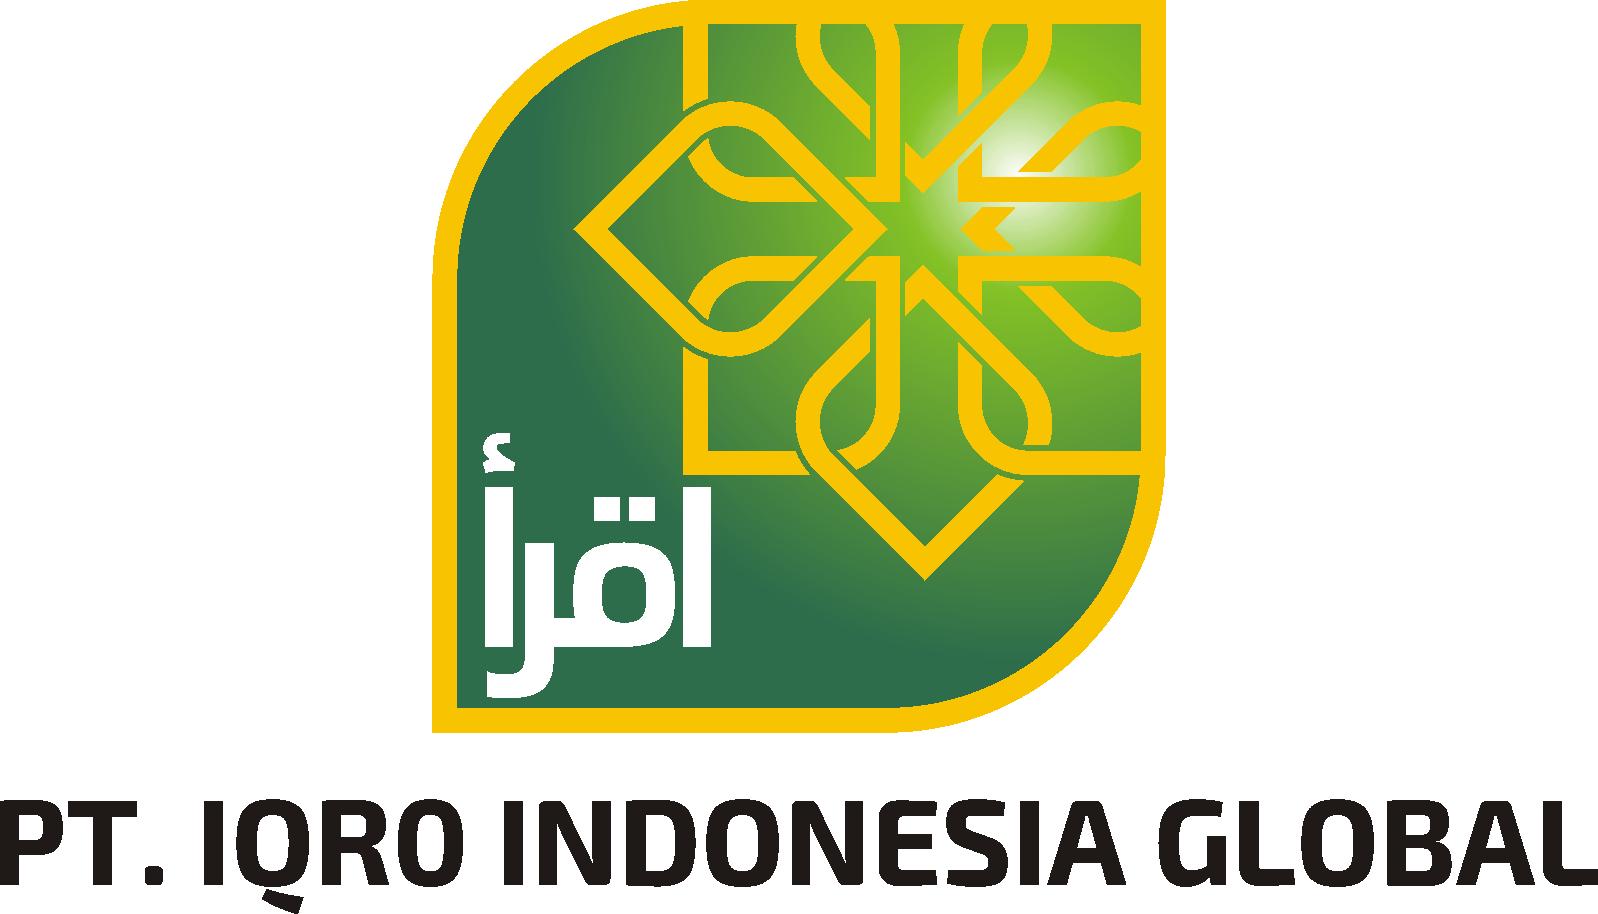 lowongan desainer grafis di pt iqro indonesia global